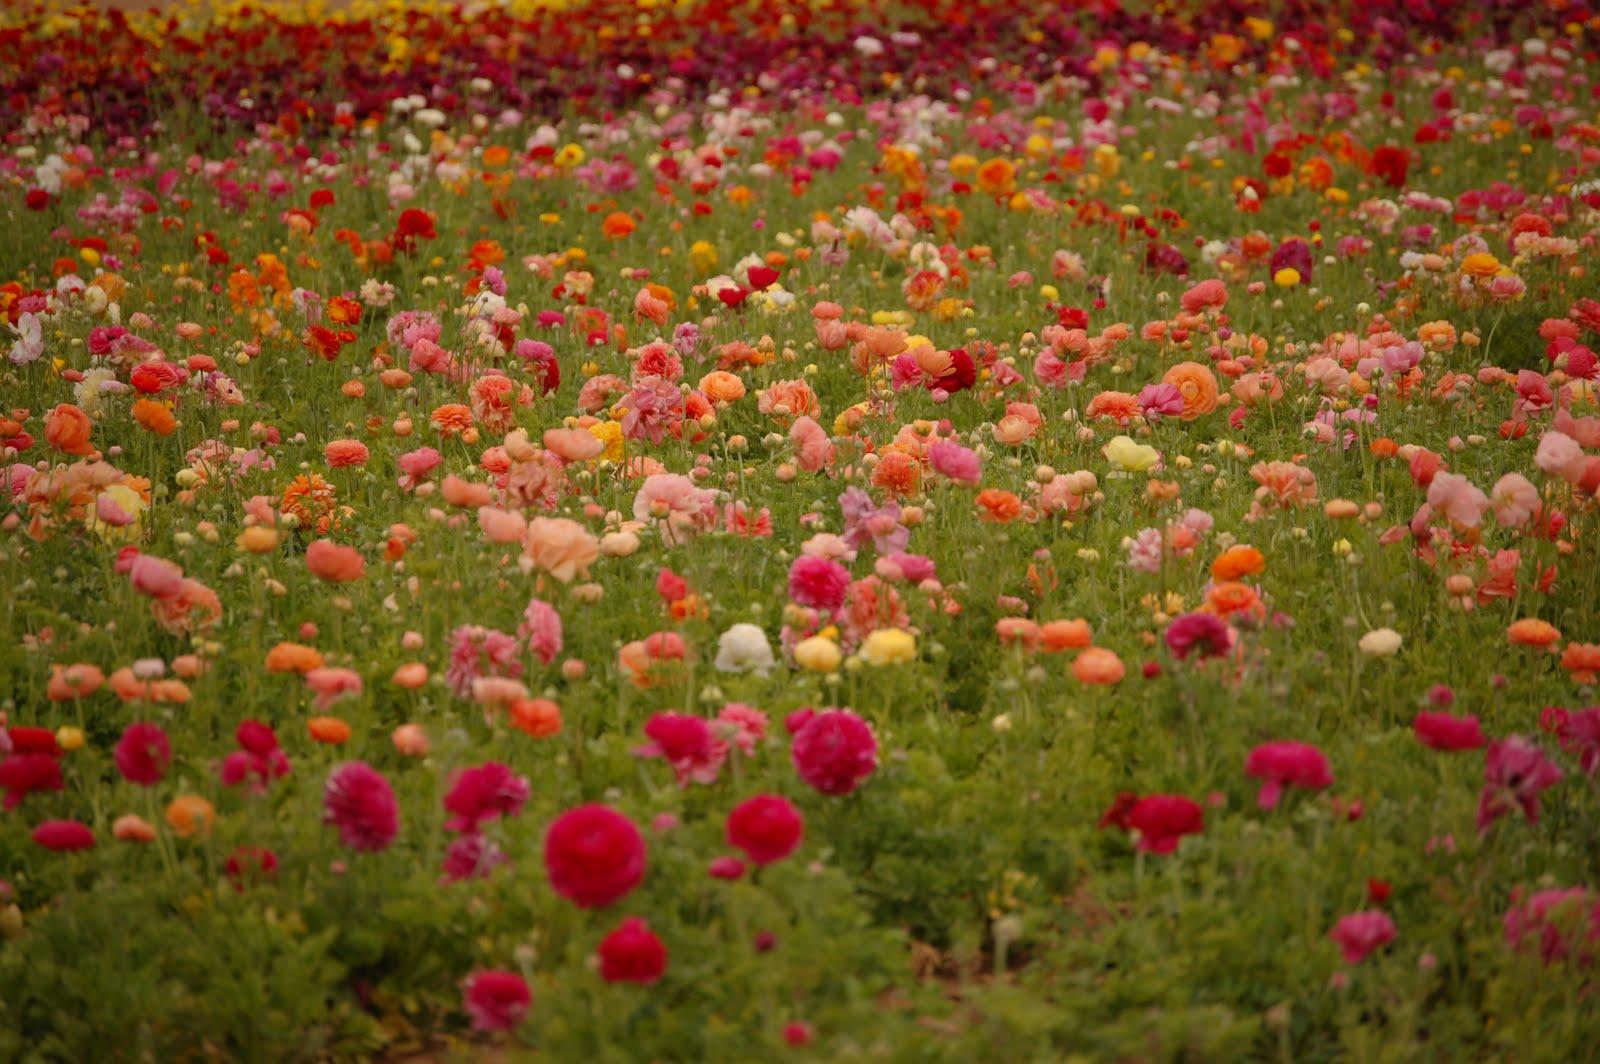 HEY IT S MARJ THE FLOWER FIELDS CARLSBAD CALIFORNIA